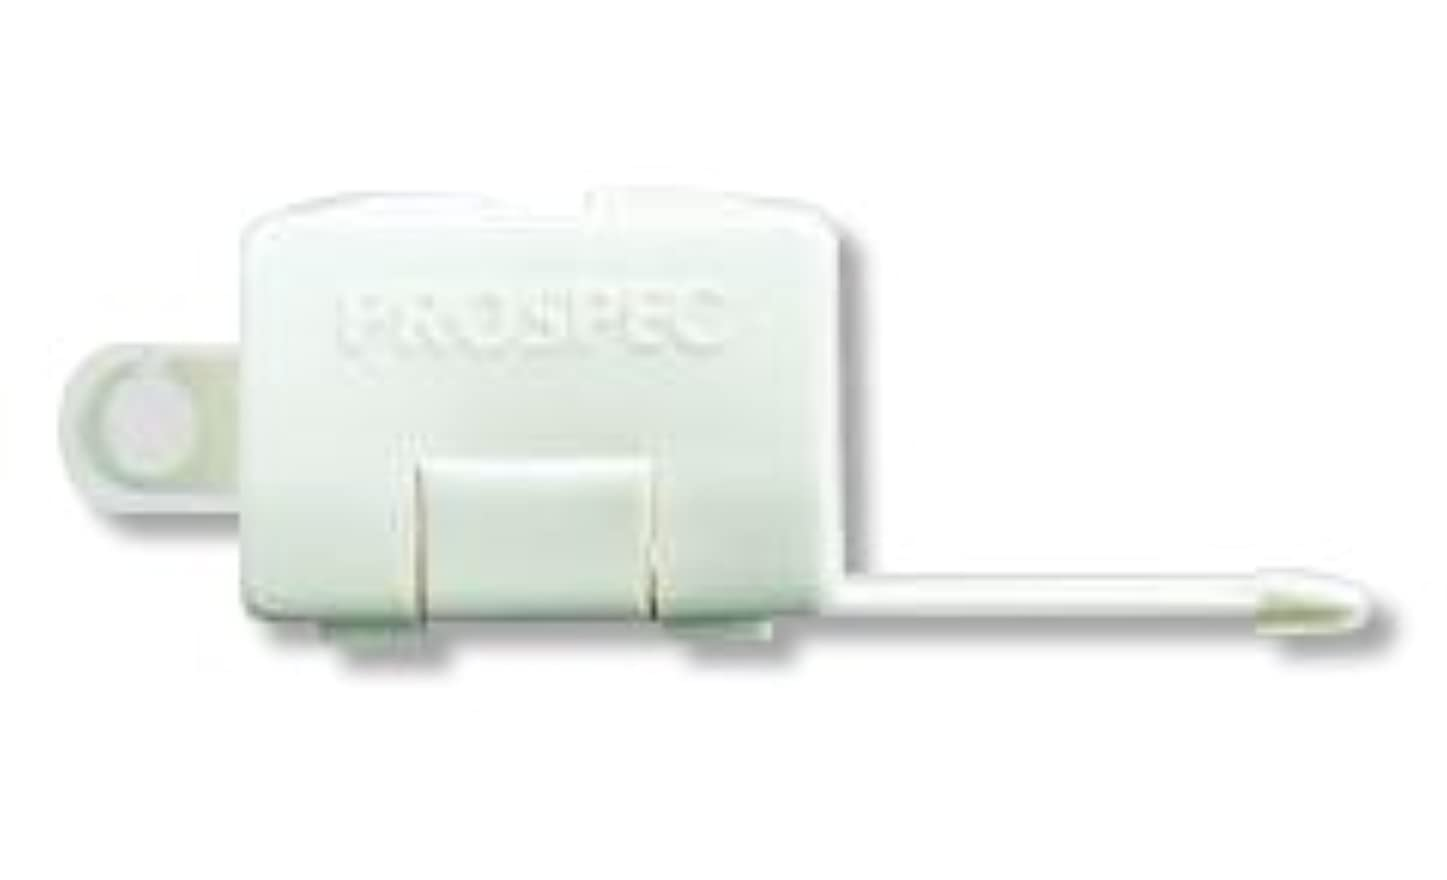 自然公園そよ風複合【ジーシー(GC)】【歯科用】プロスペック歯ブラシキャップ 20個【歯ブラシキャップ】アイボリー PROSPEC TOOTH BRUSH CAP